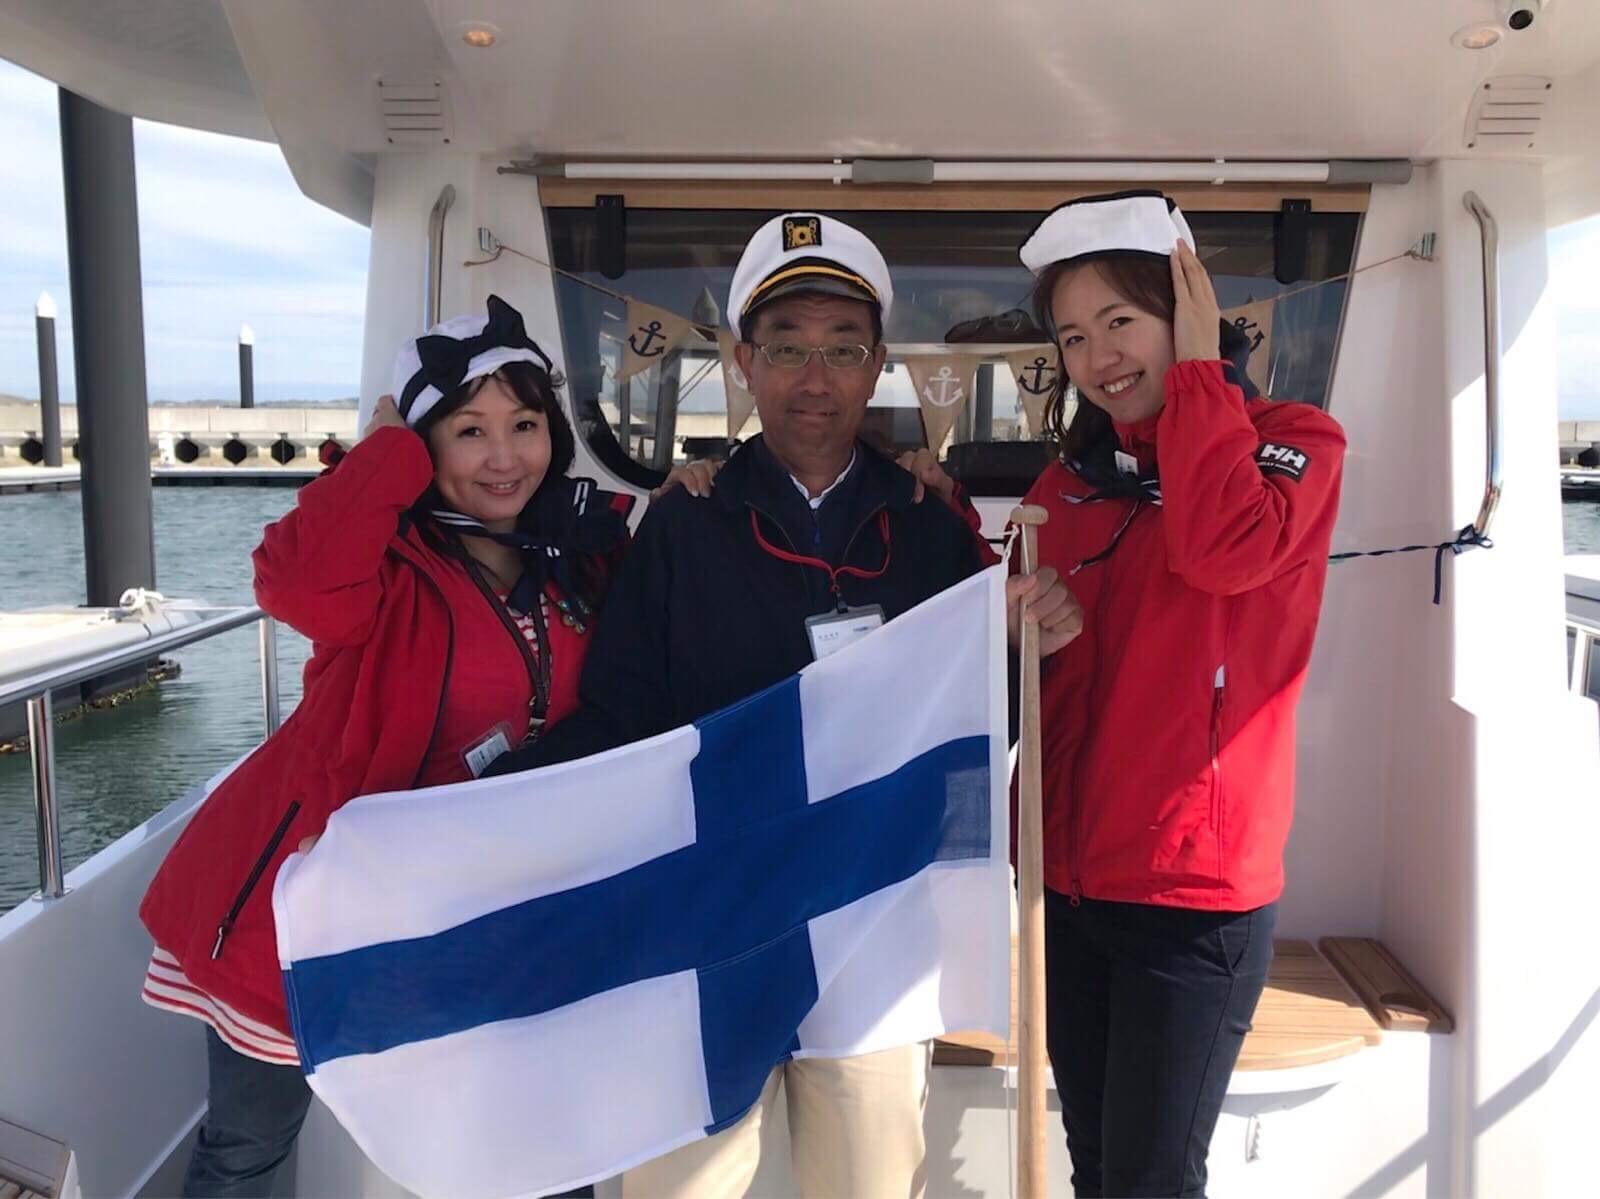 http://www.suzukimarine.co.jp/marina/mikawamito/blog/2018/04/16/img/IMG_5960.JPG